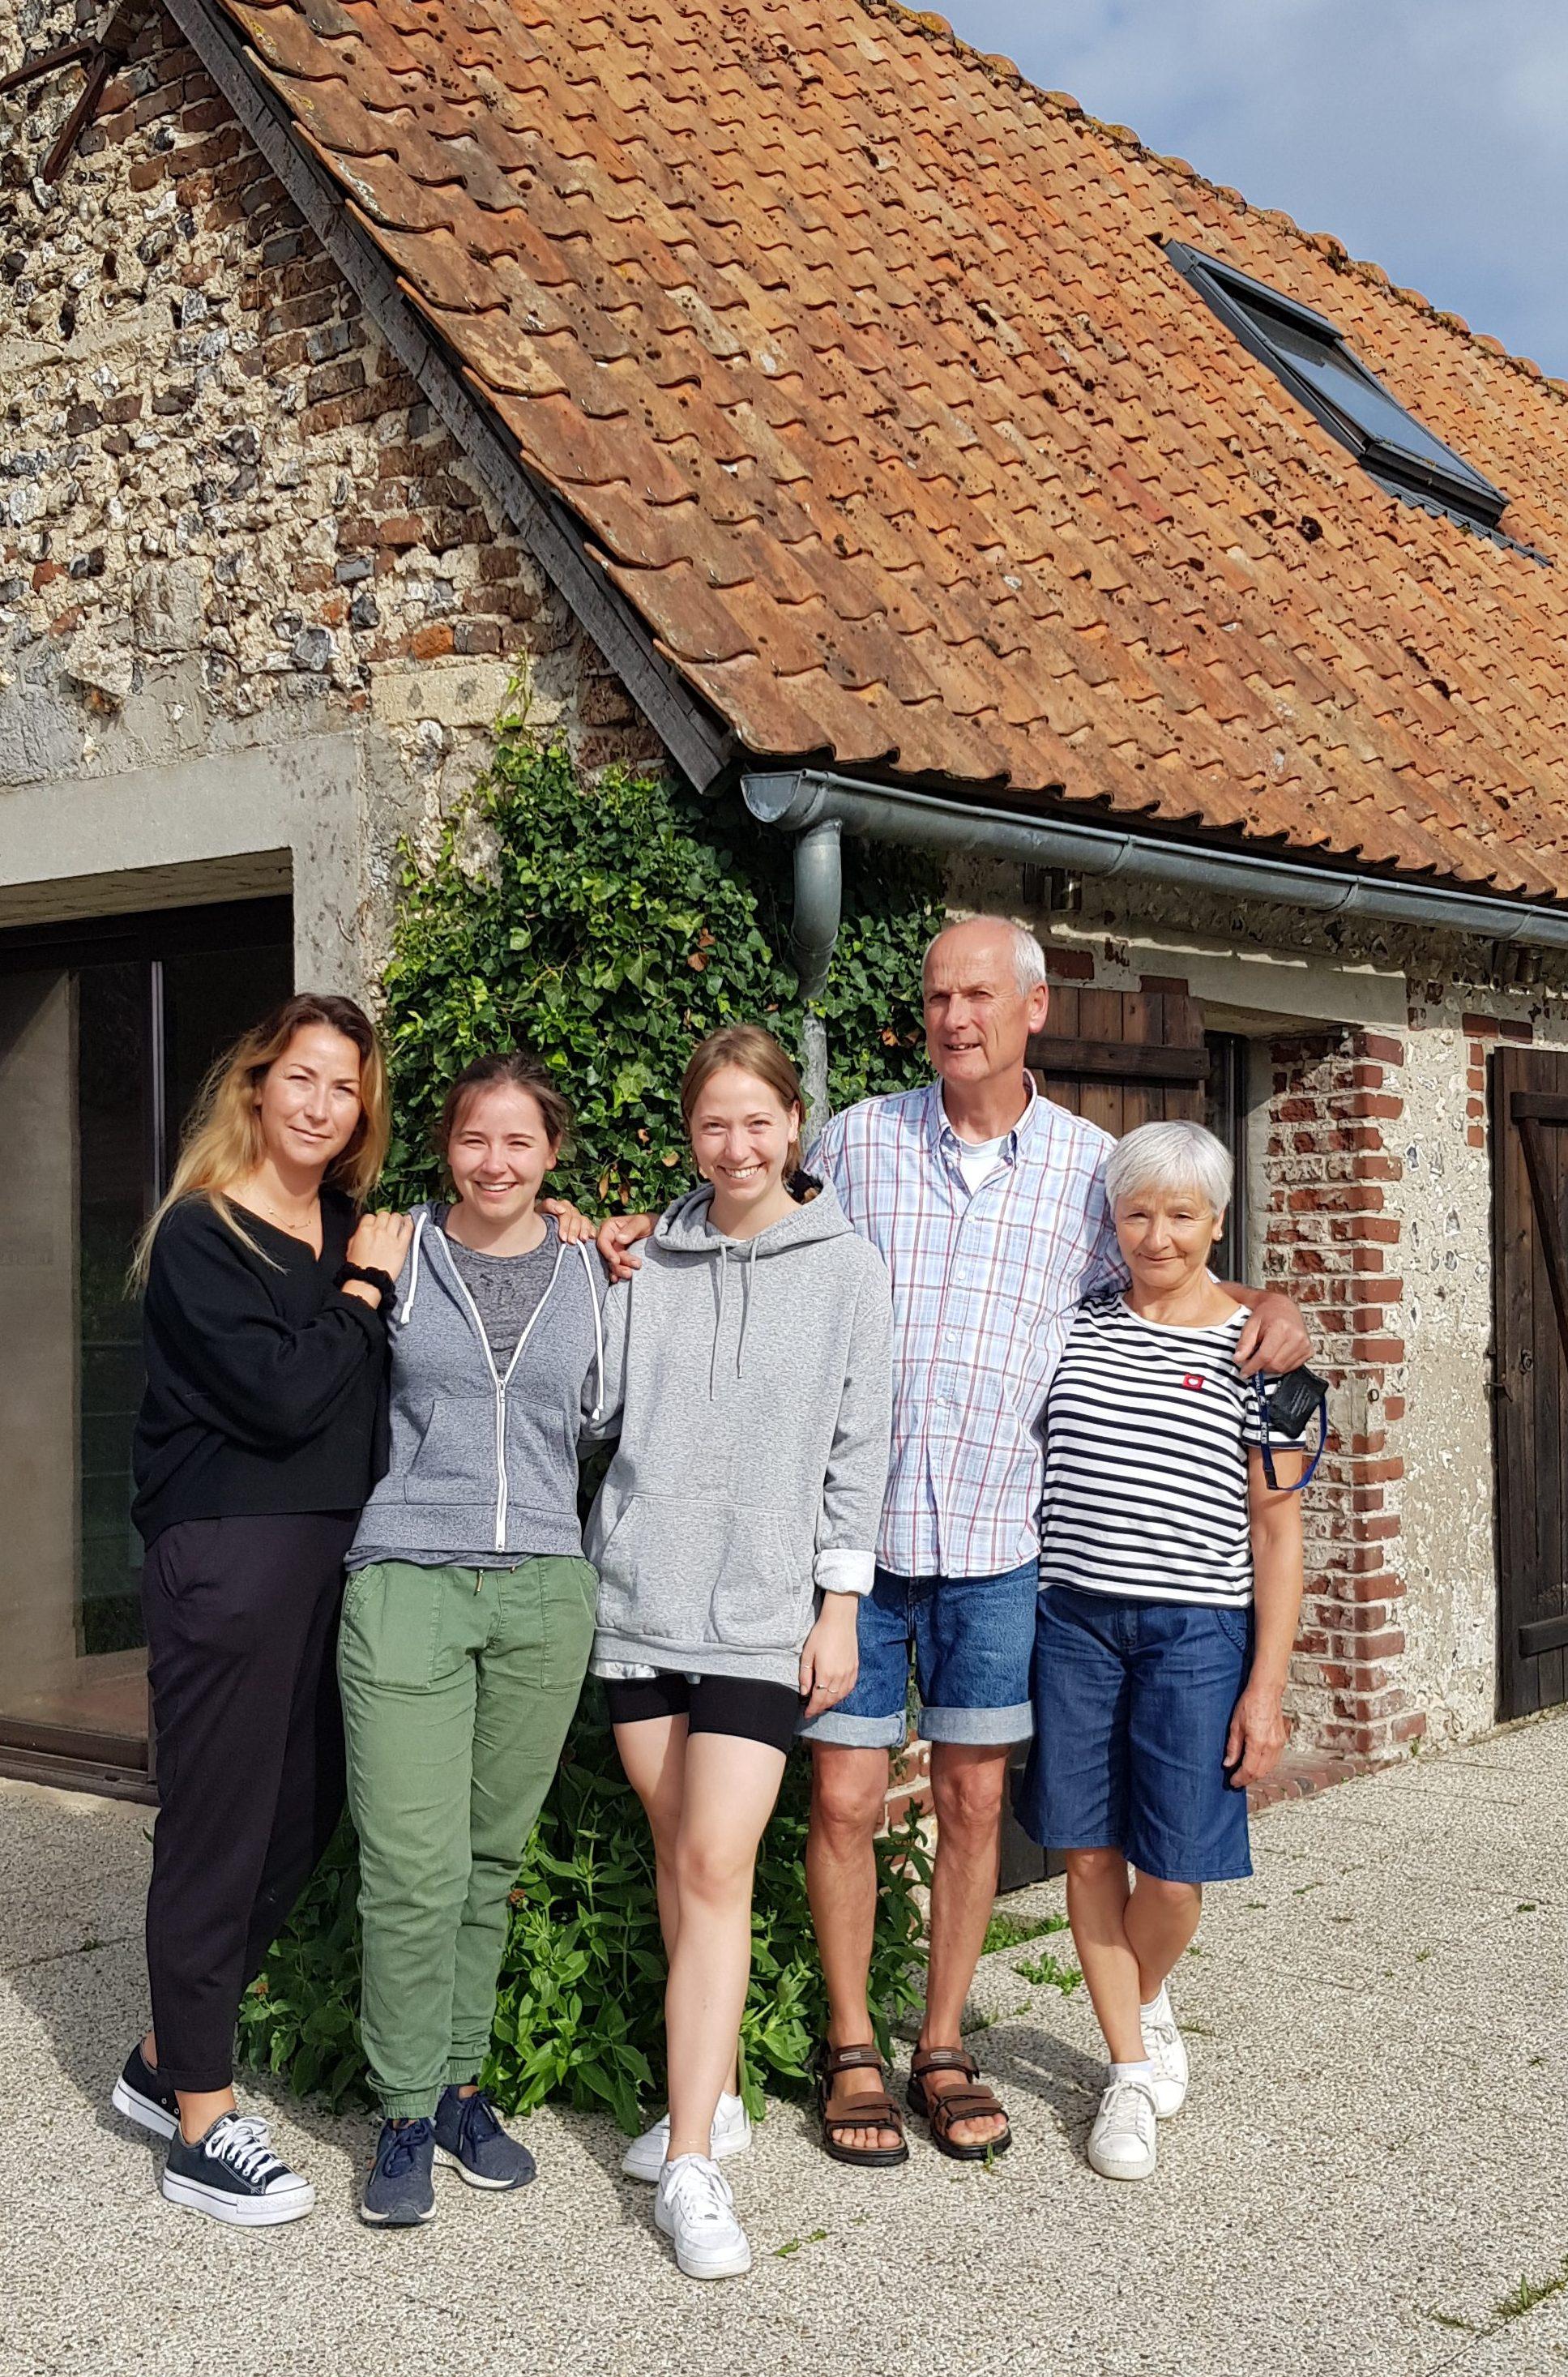 Maison de vacances Cote dOpale | Gite Le Bois Roger